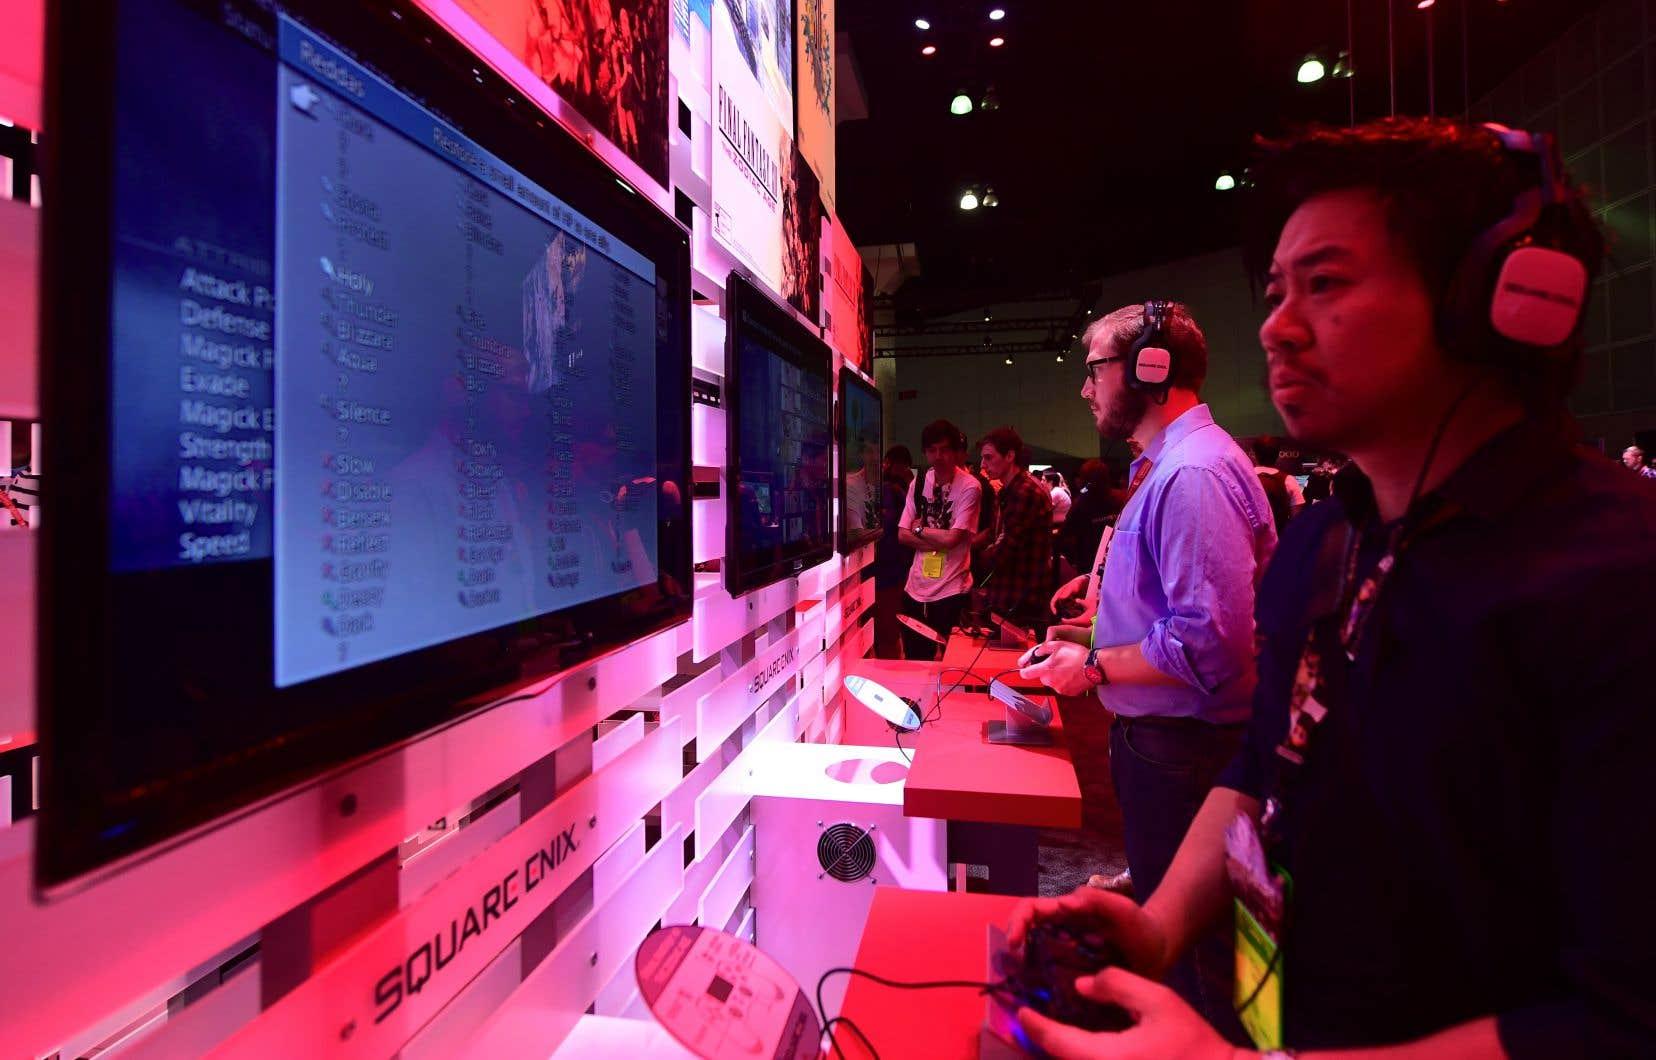 Les jeux vidéo représentent un marché mondial de 100 milliards de dollars par an.